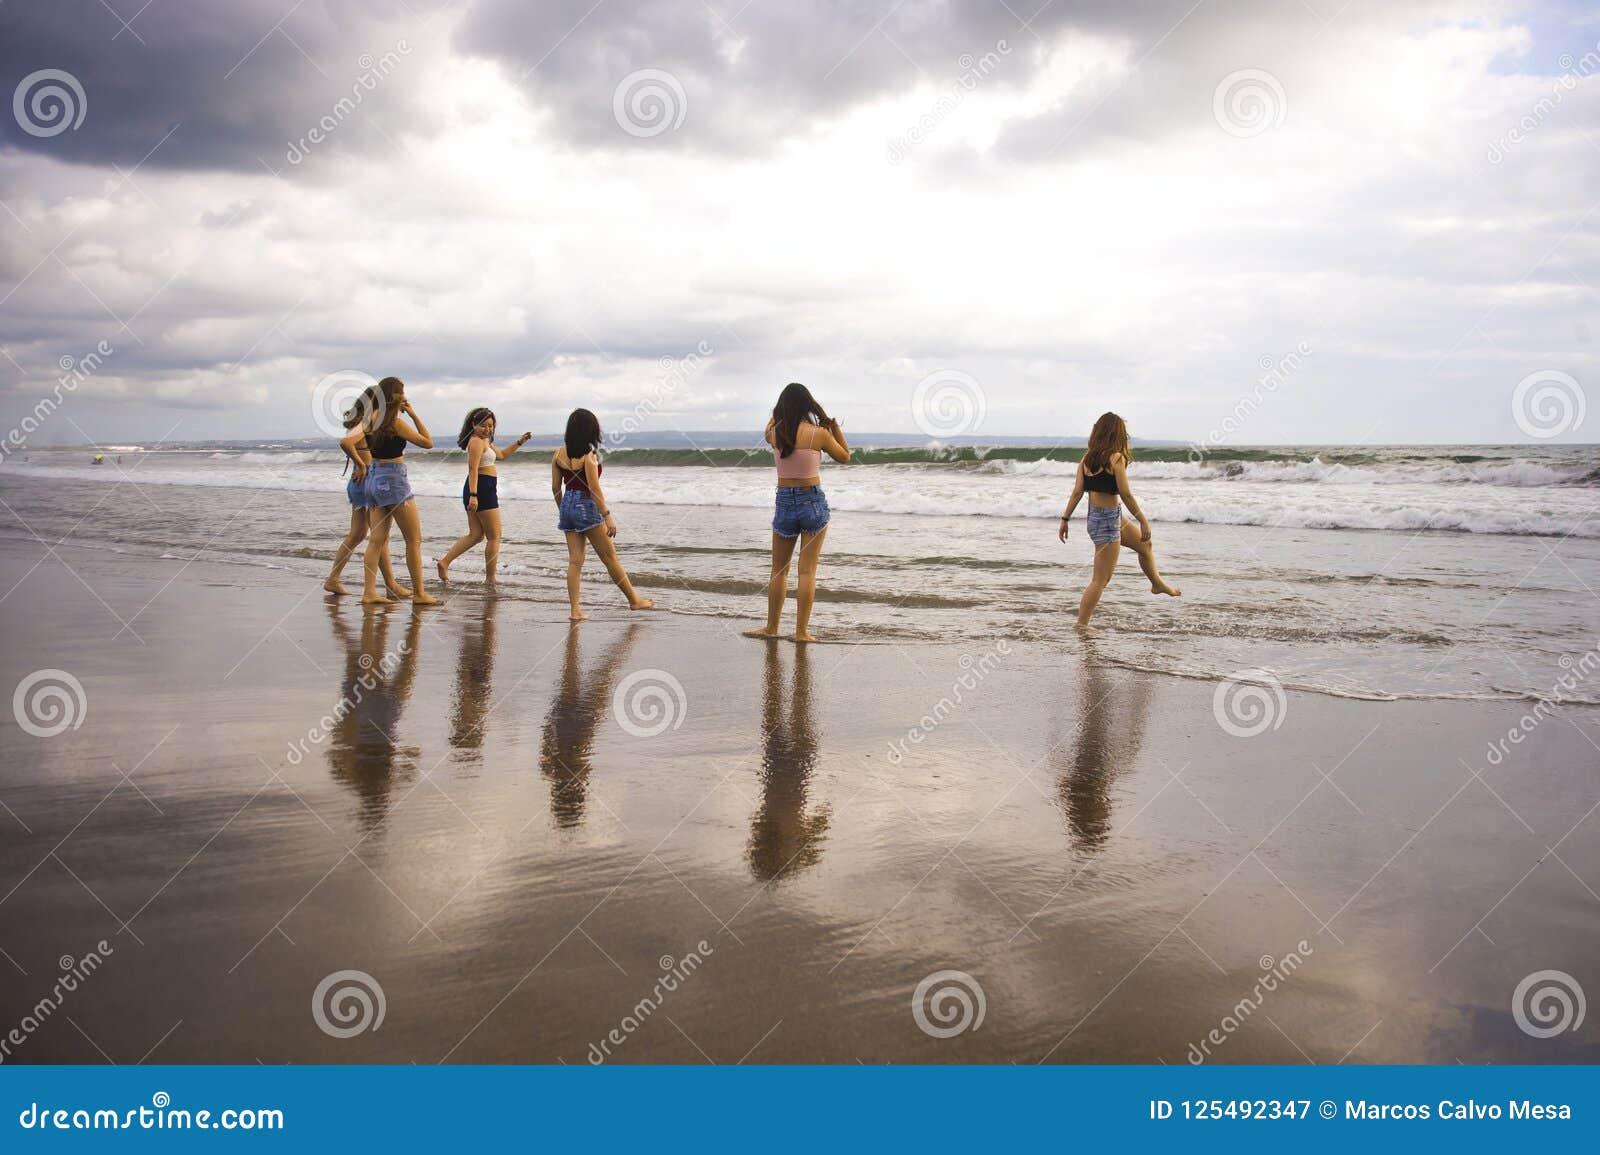 El grupo de mujeres jovenes felices y emocionadas que gozan divirtiéndose en la playa hermosa de la puesta del sol en vacaciones